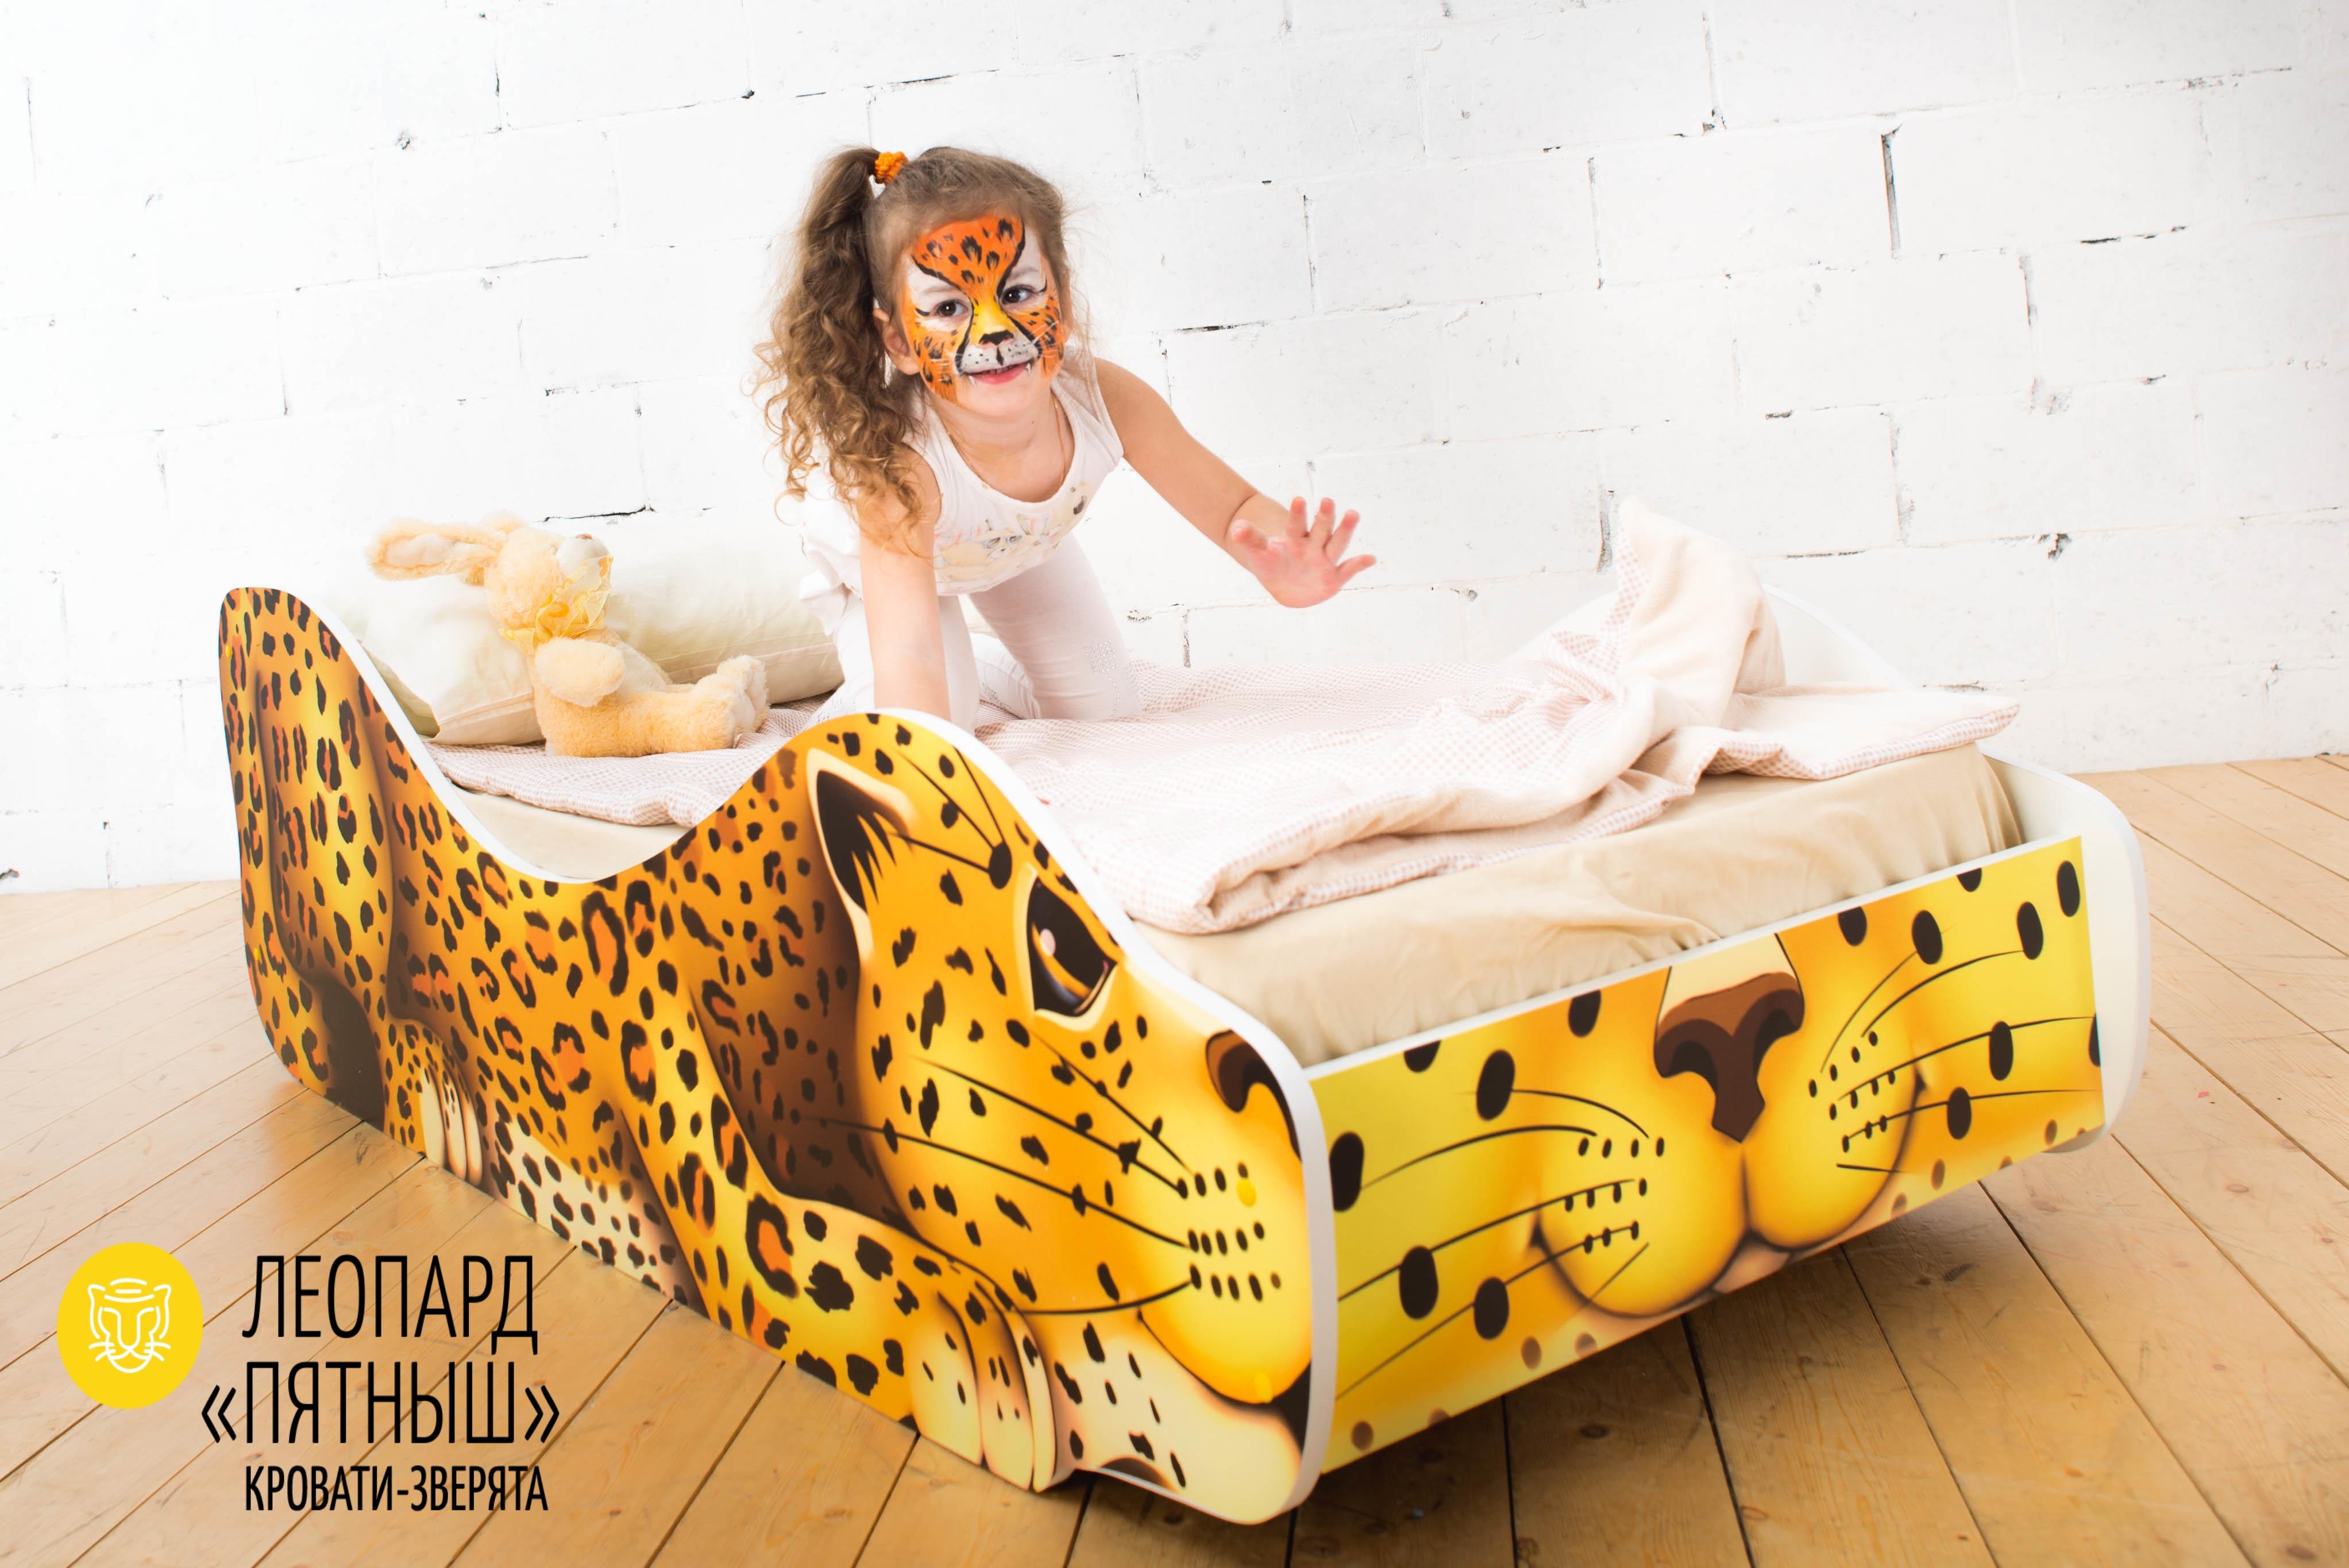 Детская кровать-зверенок -Леопард-Пятныш-2